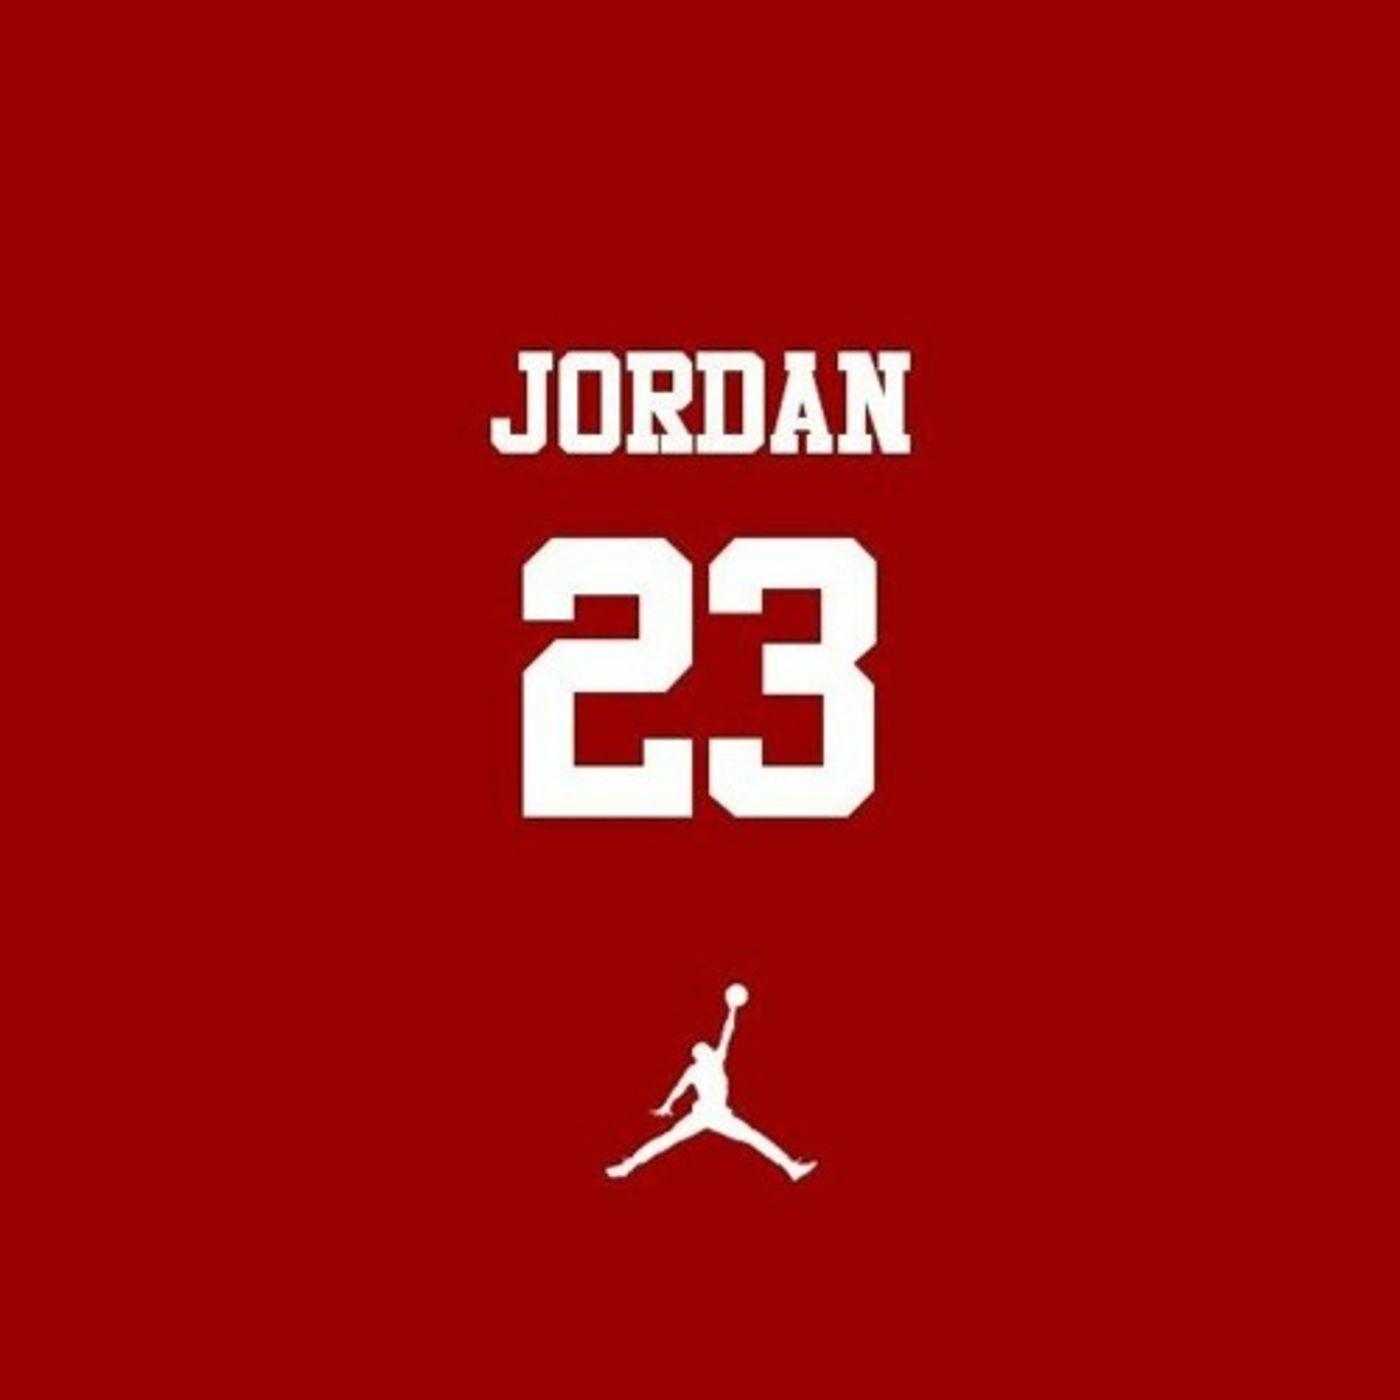 Le mindset de Michael Jordan appliqué aux entrepreneurs - Debrief de The Last Dance